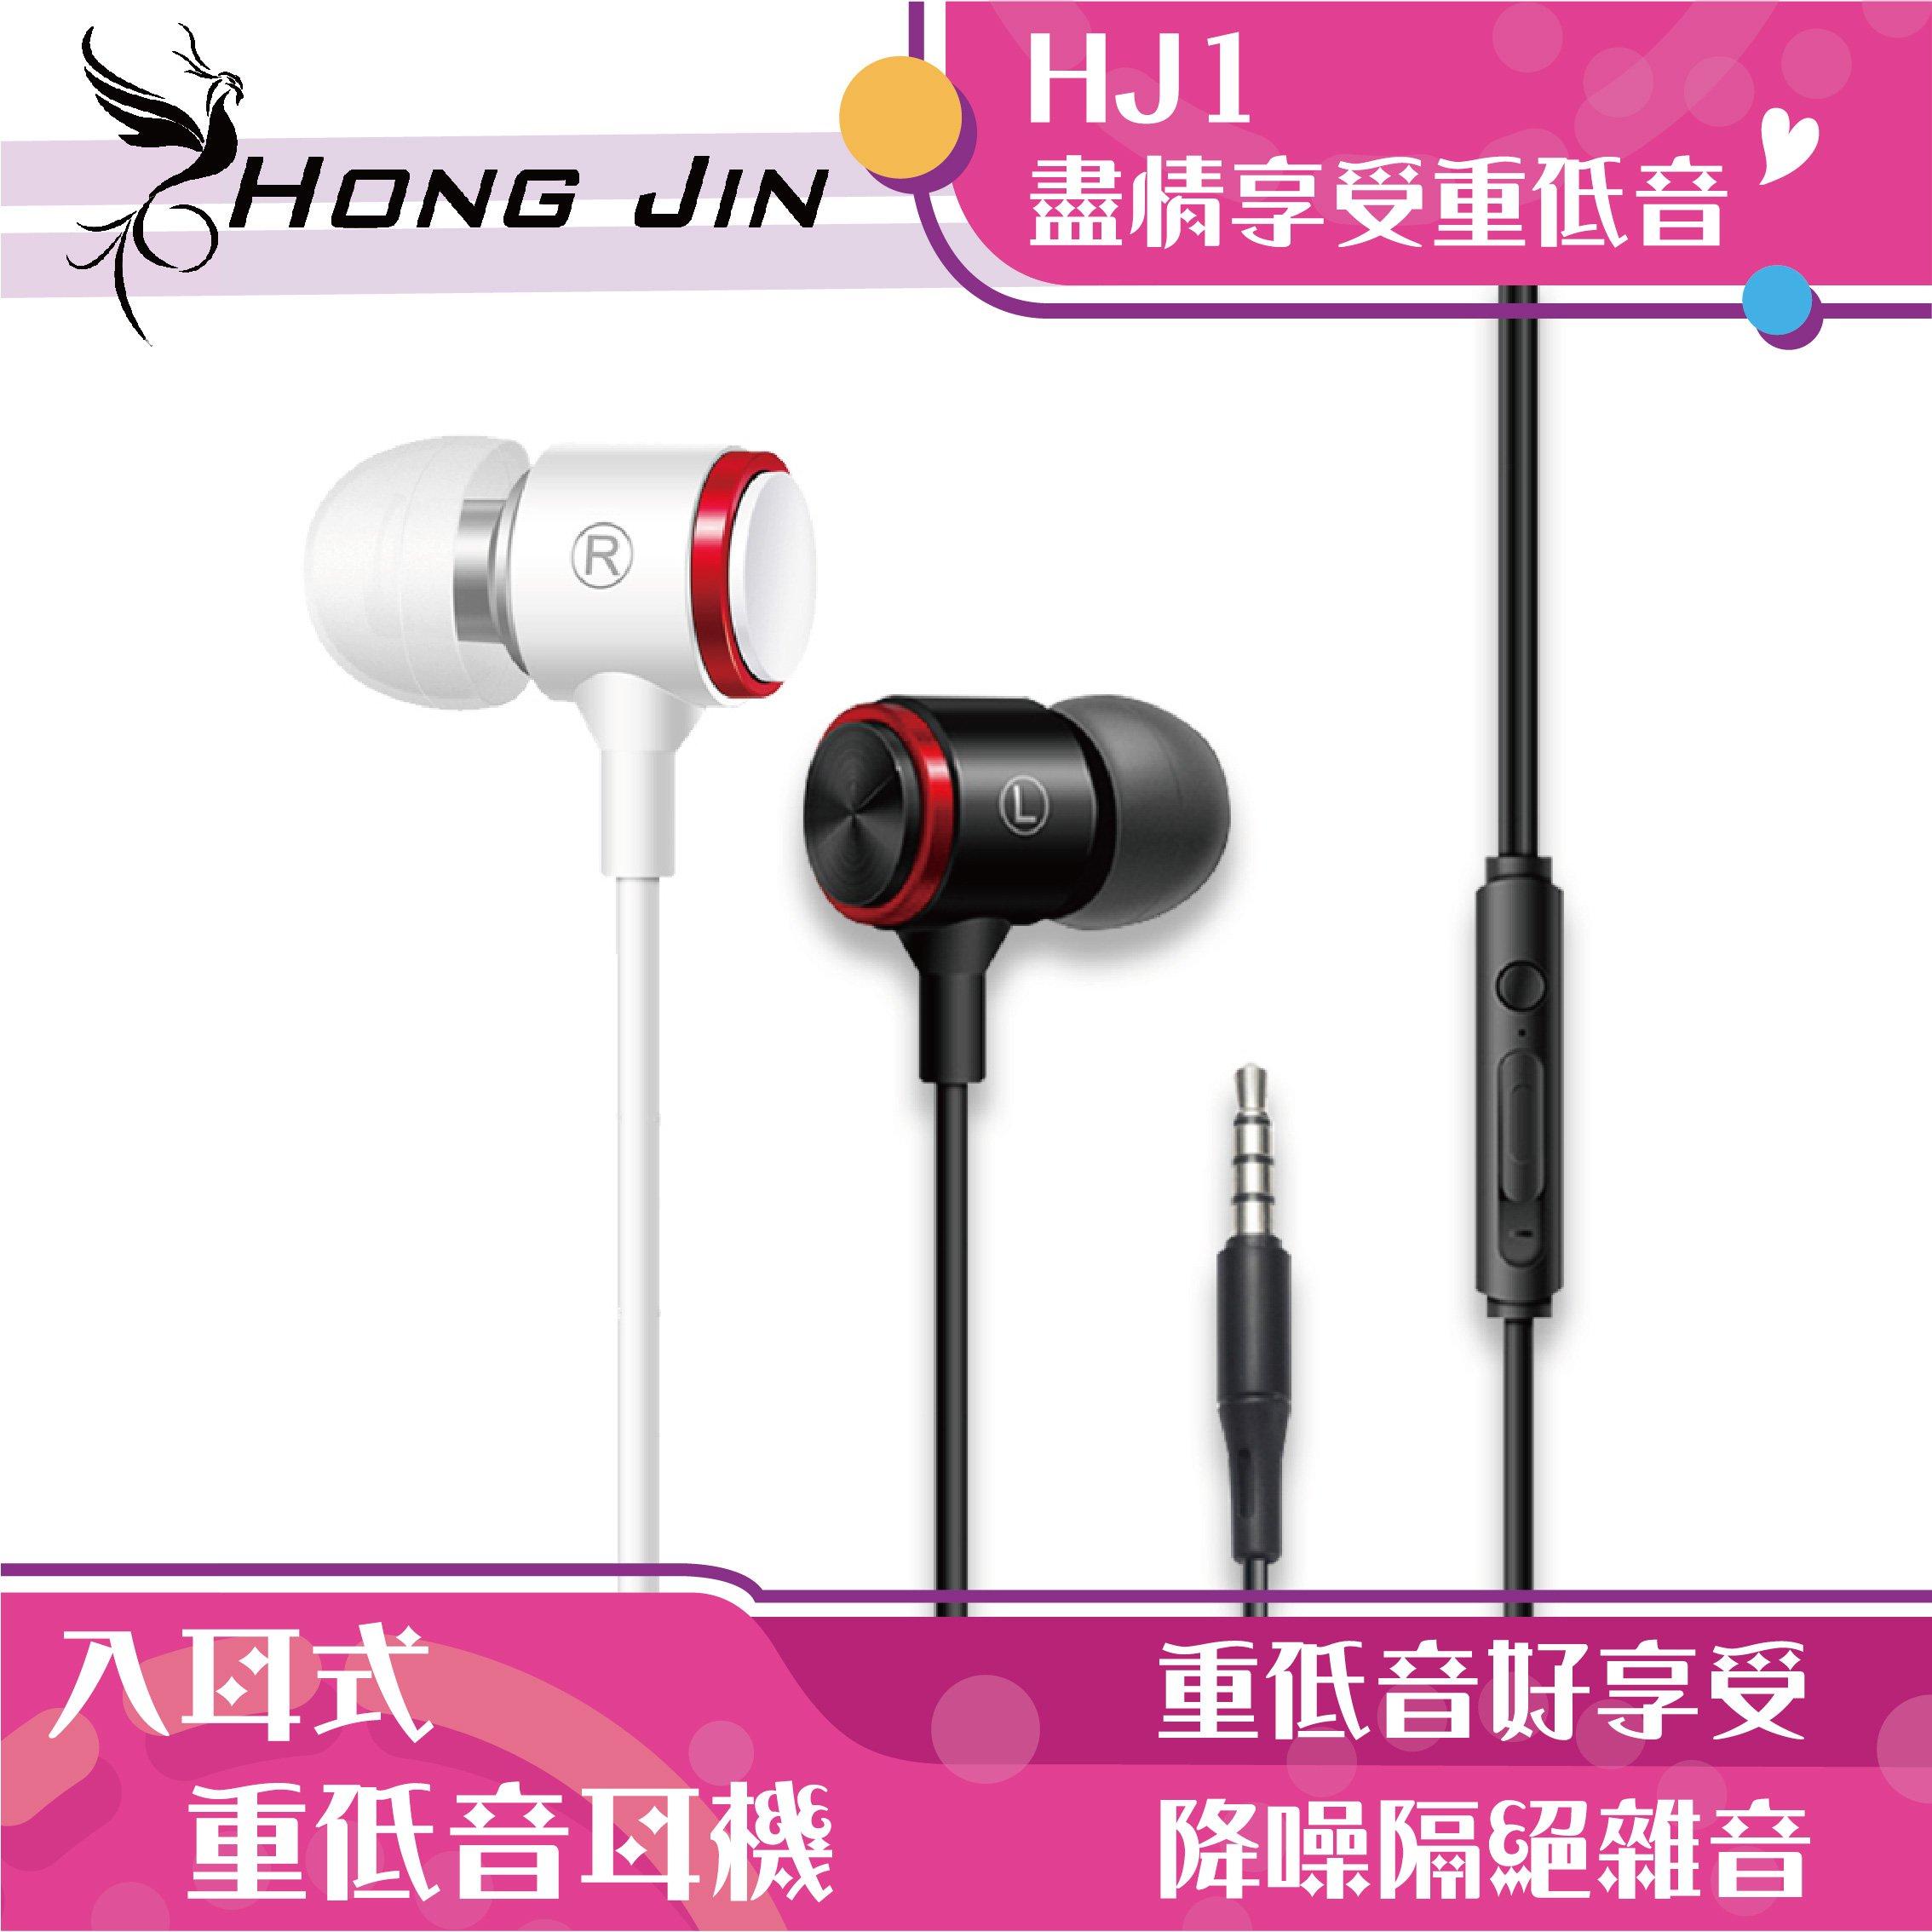 [ 貨] 宏晉 HongJin HJ1 重低音強化金屬入耳式耳機 低失真 高音質